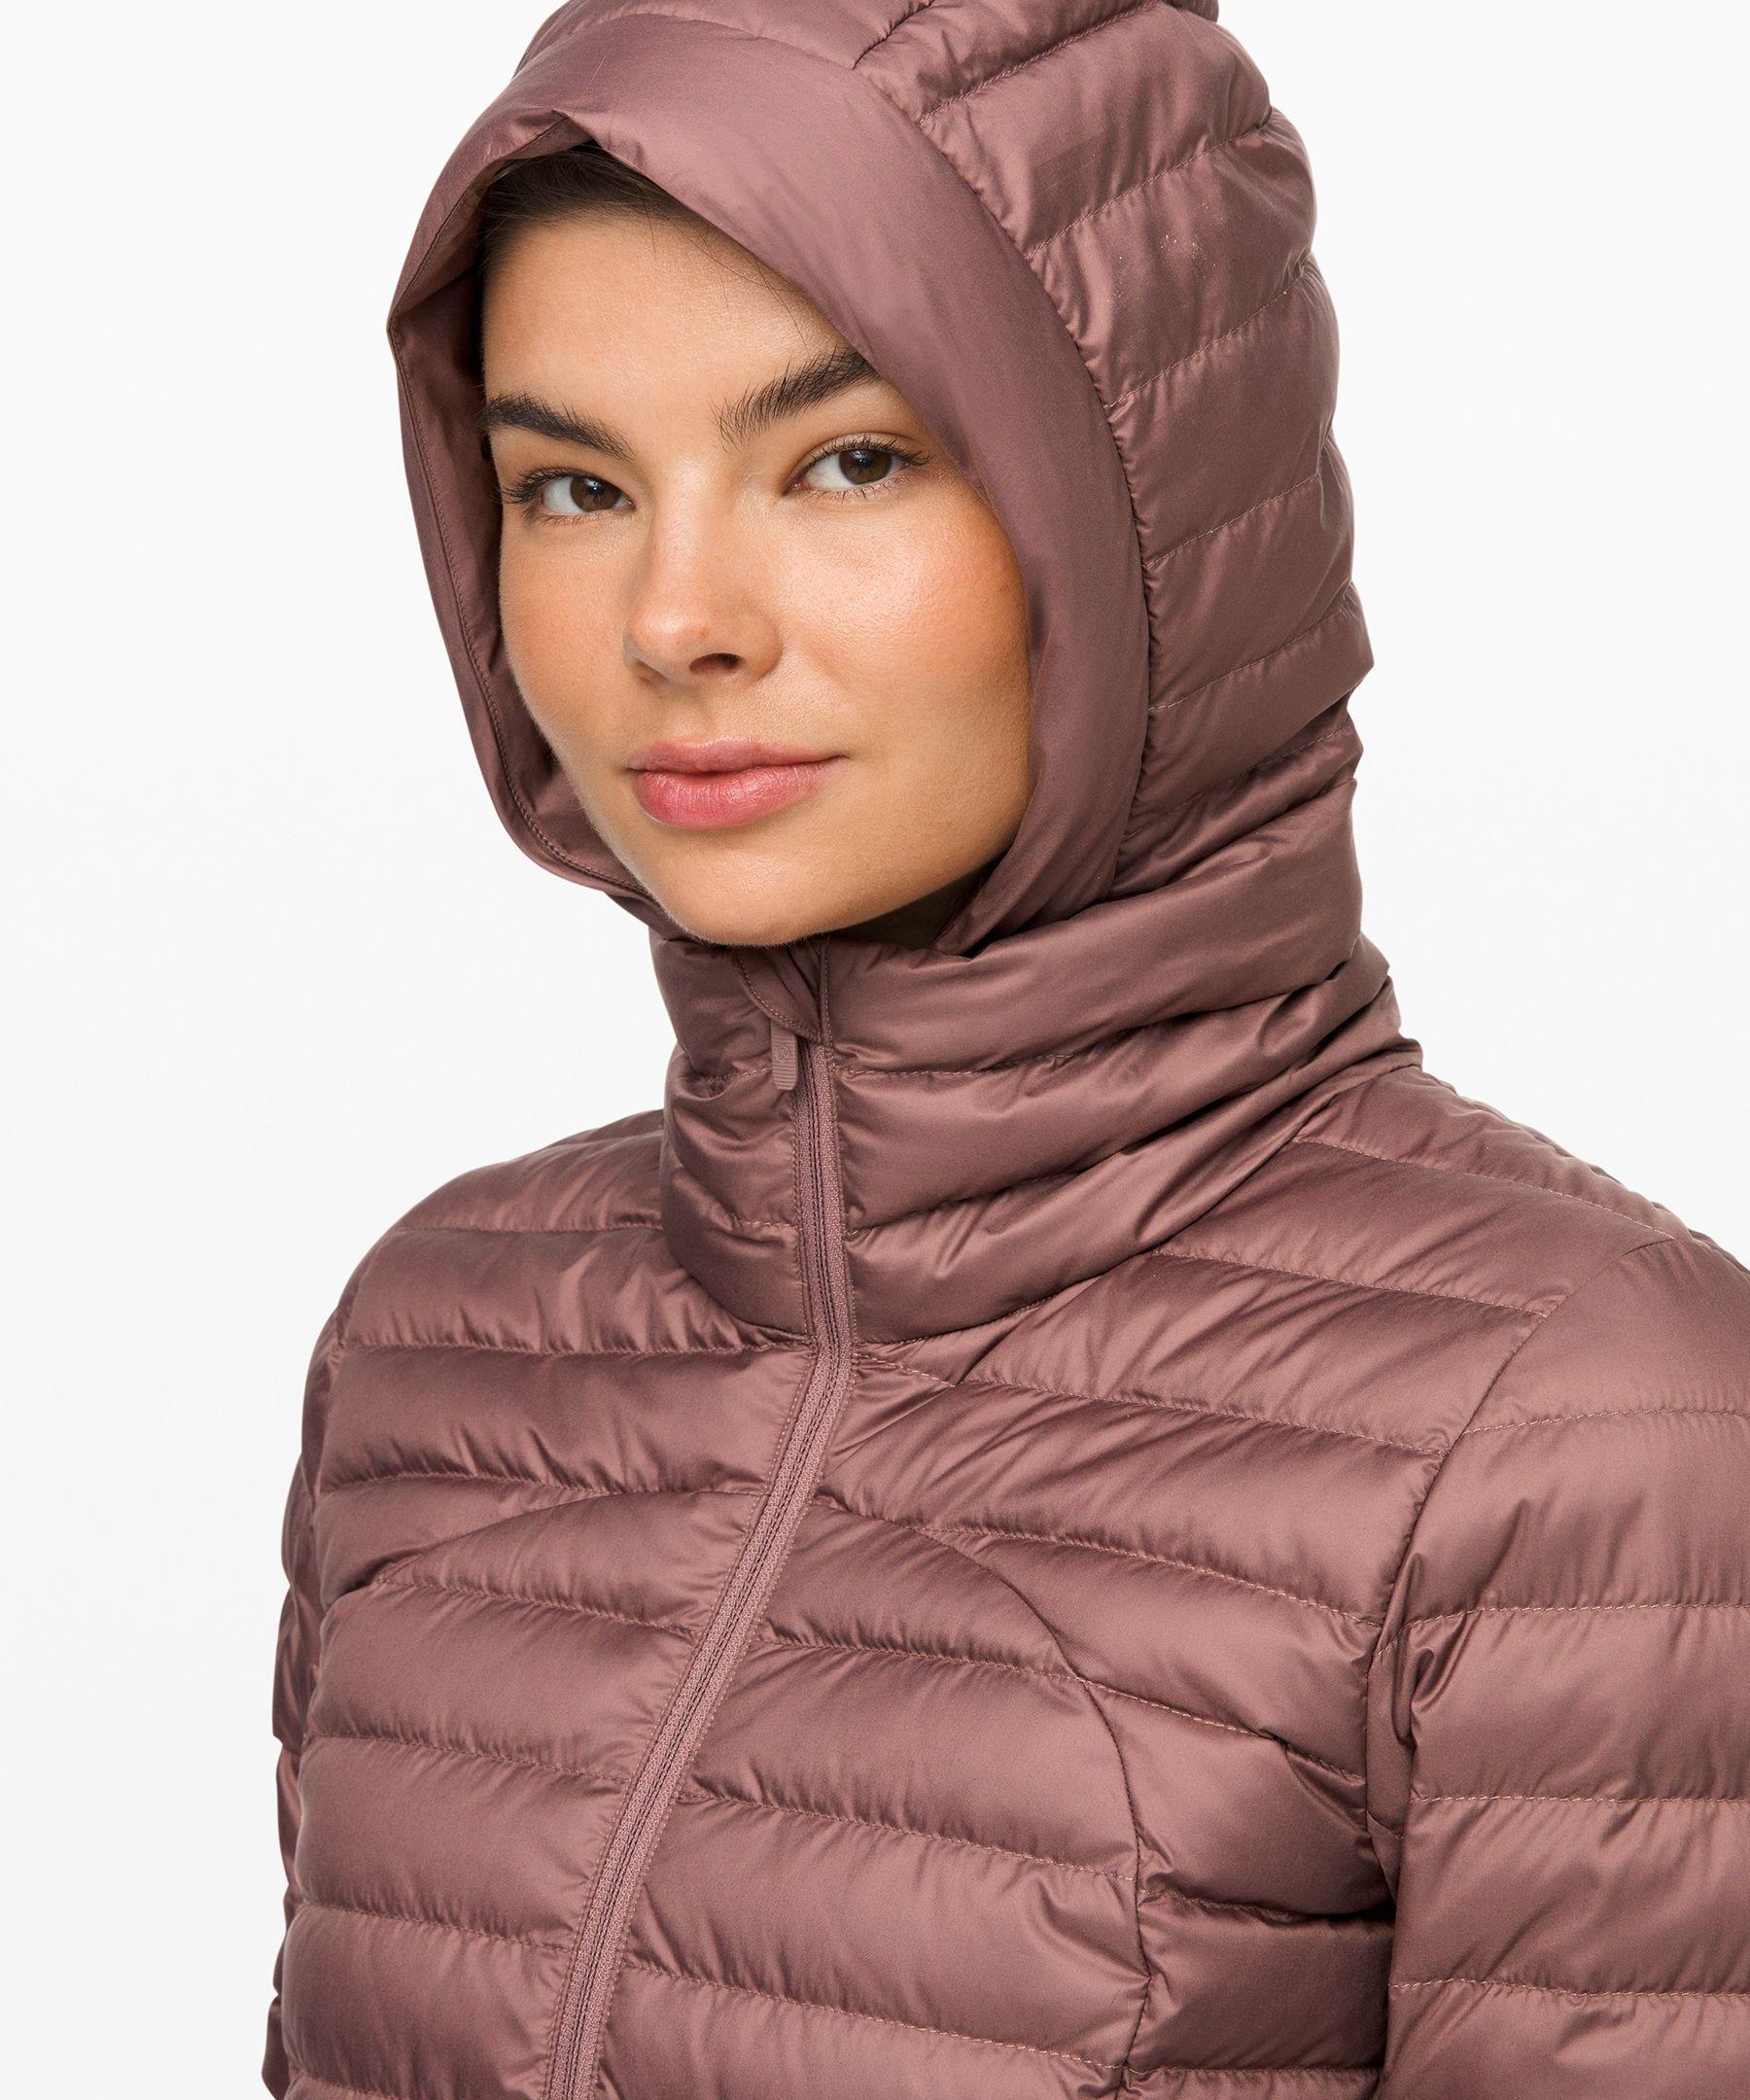 Pack It Down Jacket Women S Jackets Outerwear Lululemon Jackets For Women Down Jacket Outerwear Jackets [ 2160 x 1800 Pixel ]